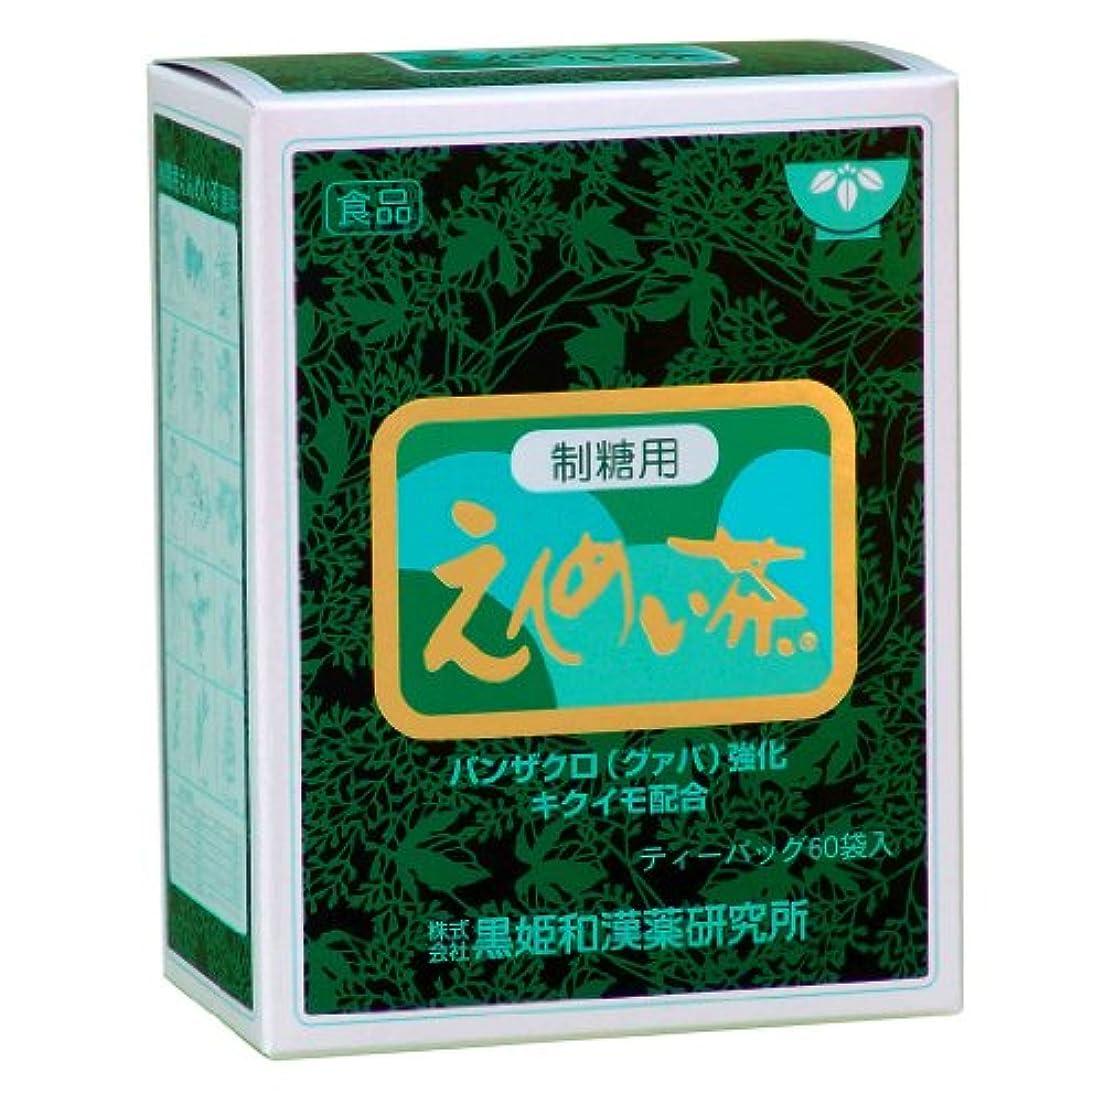 アブストラクトベリハンディユニマットリケン 黒姫えんめい茶制糖用 5gx60包